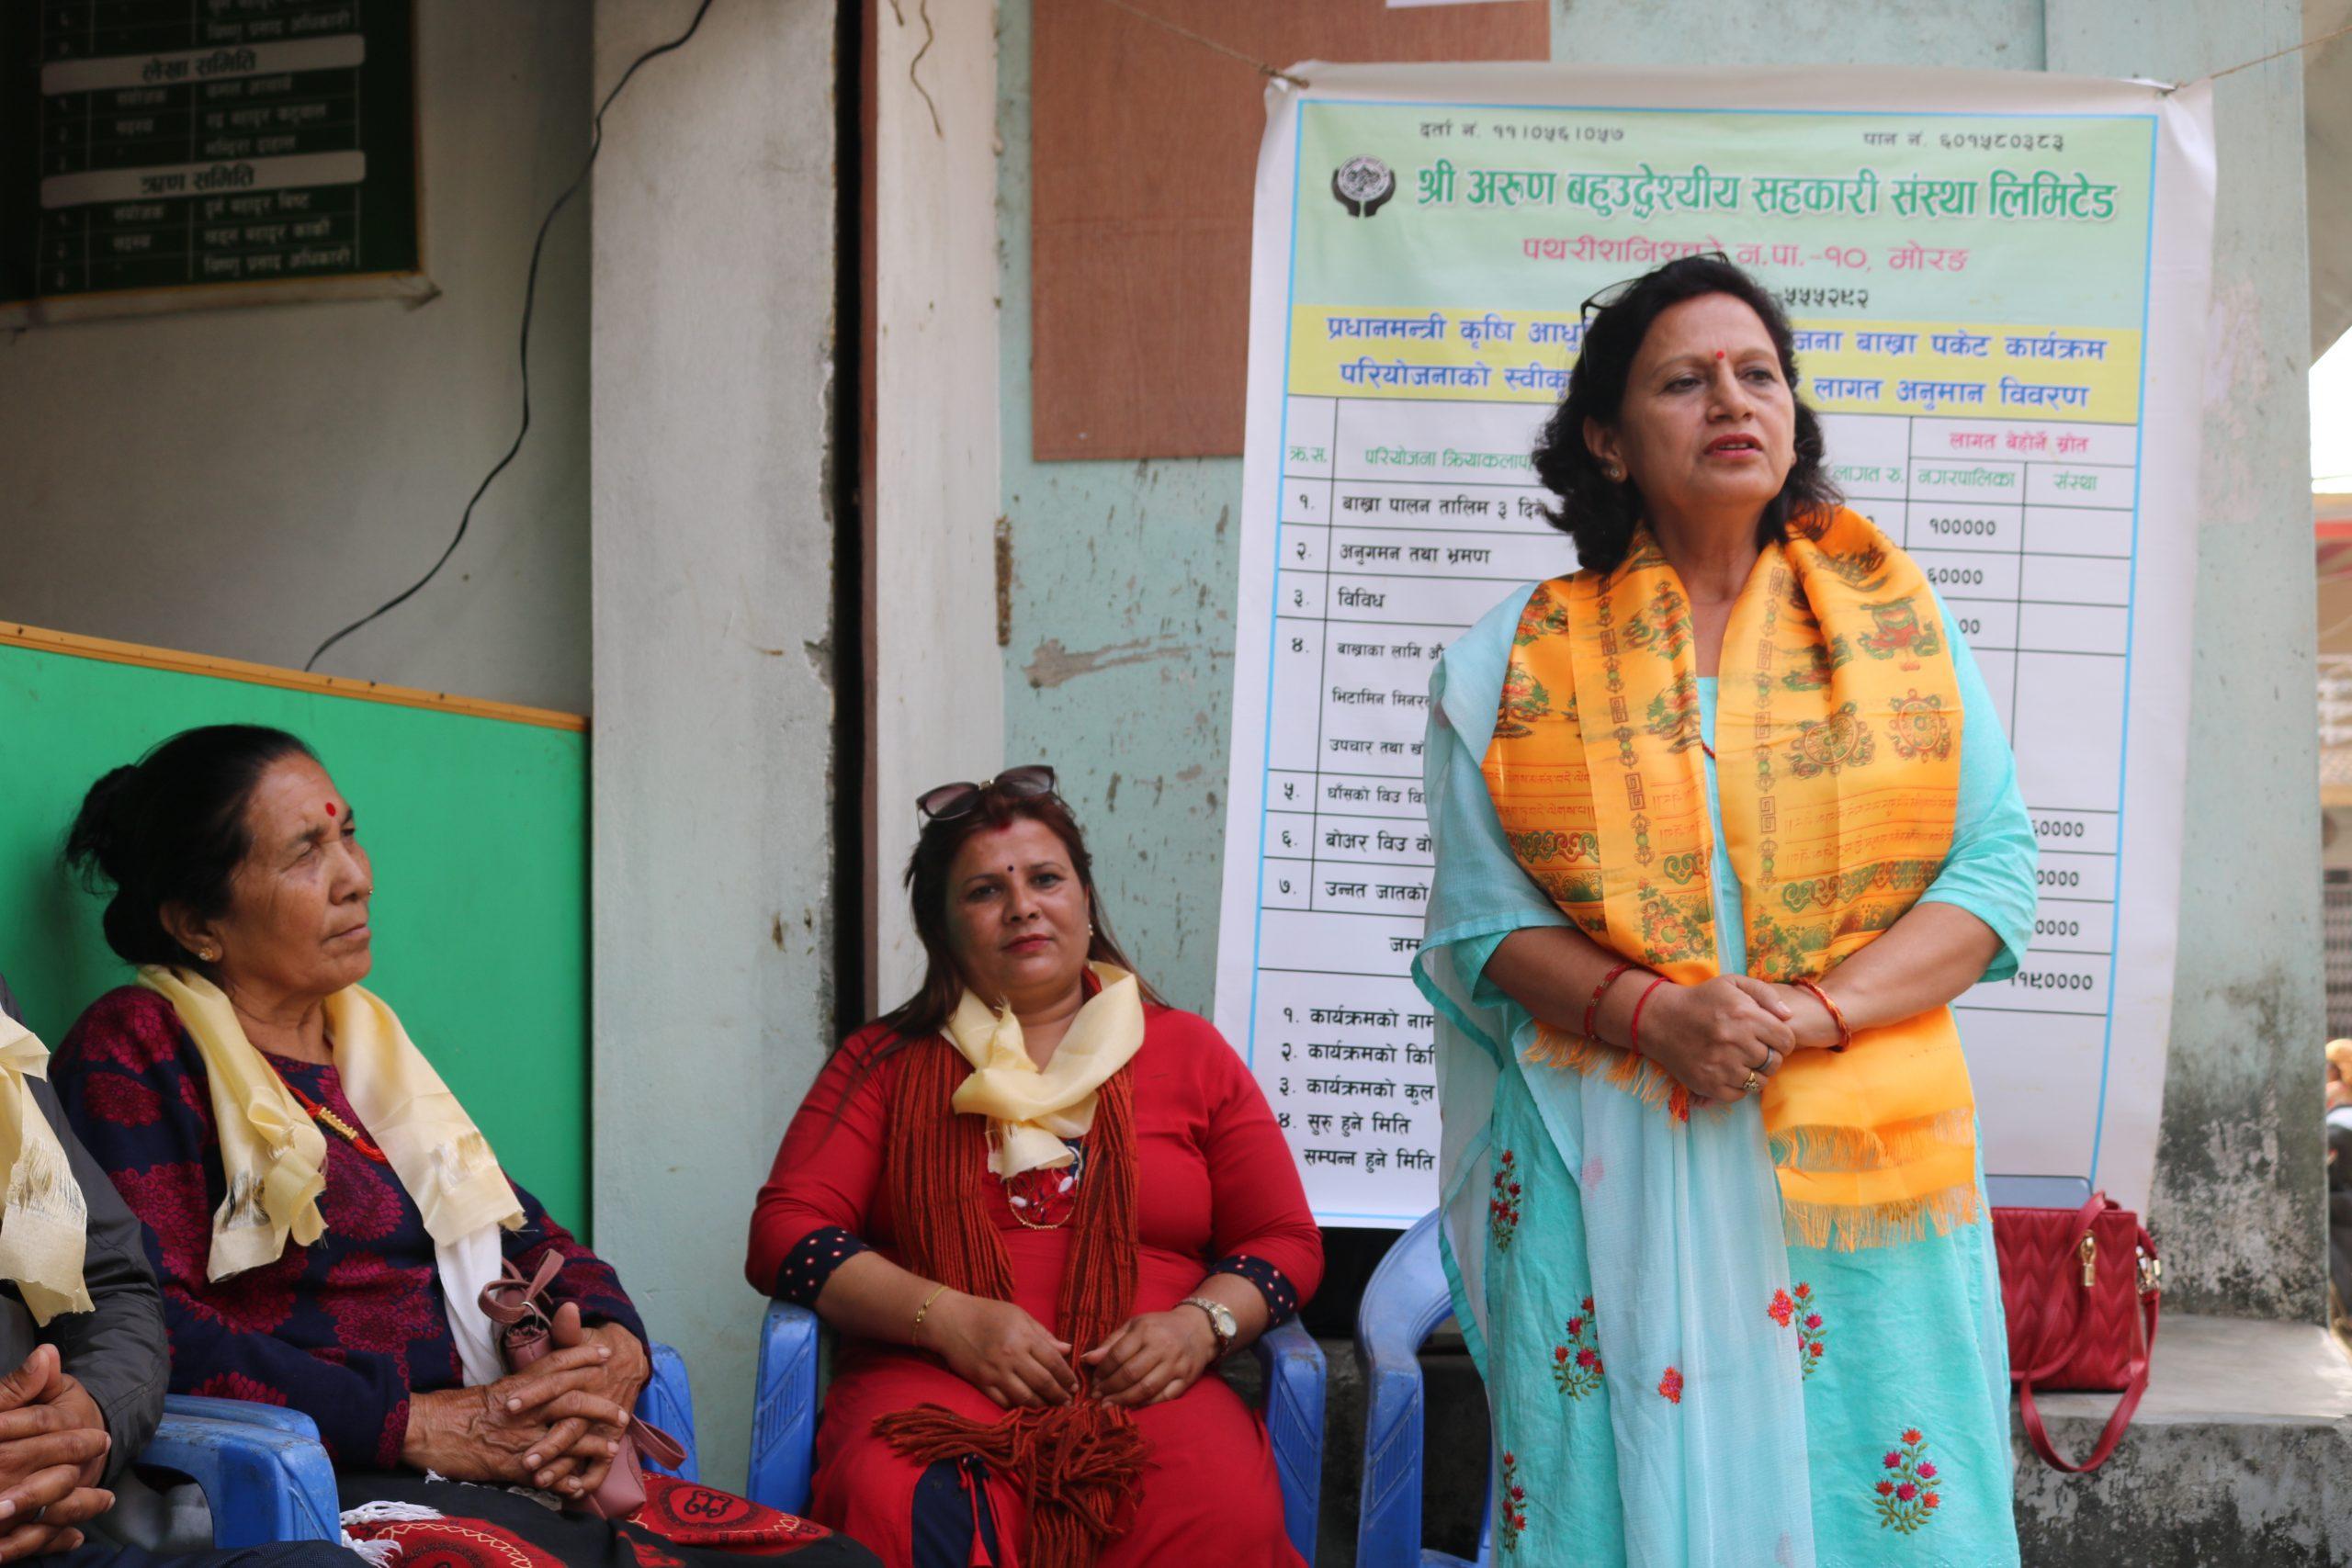 नगरमा प्रधानमन्त्री कृषि आधुनिकिकरण परियोजना कार्यक्रम सुरु